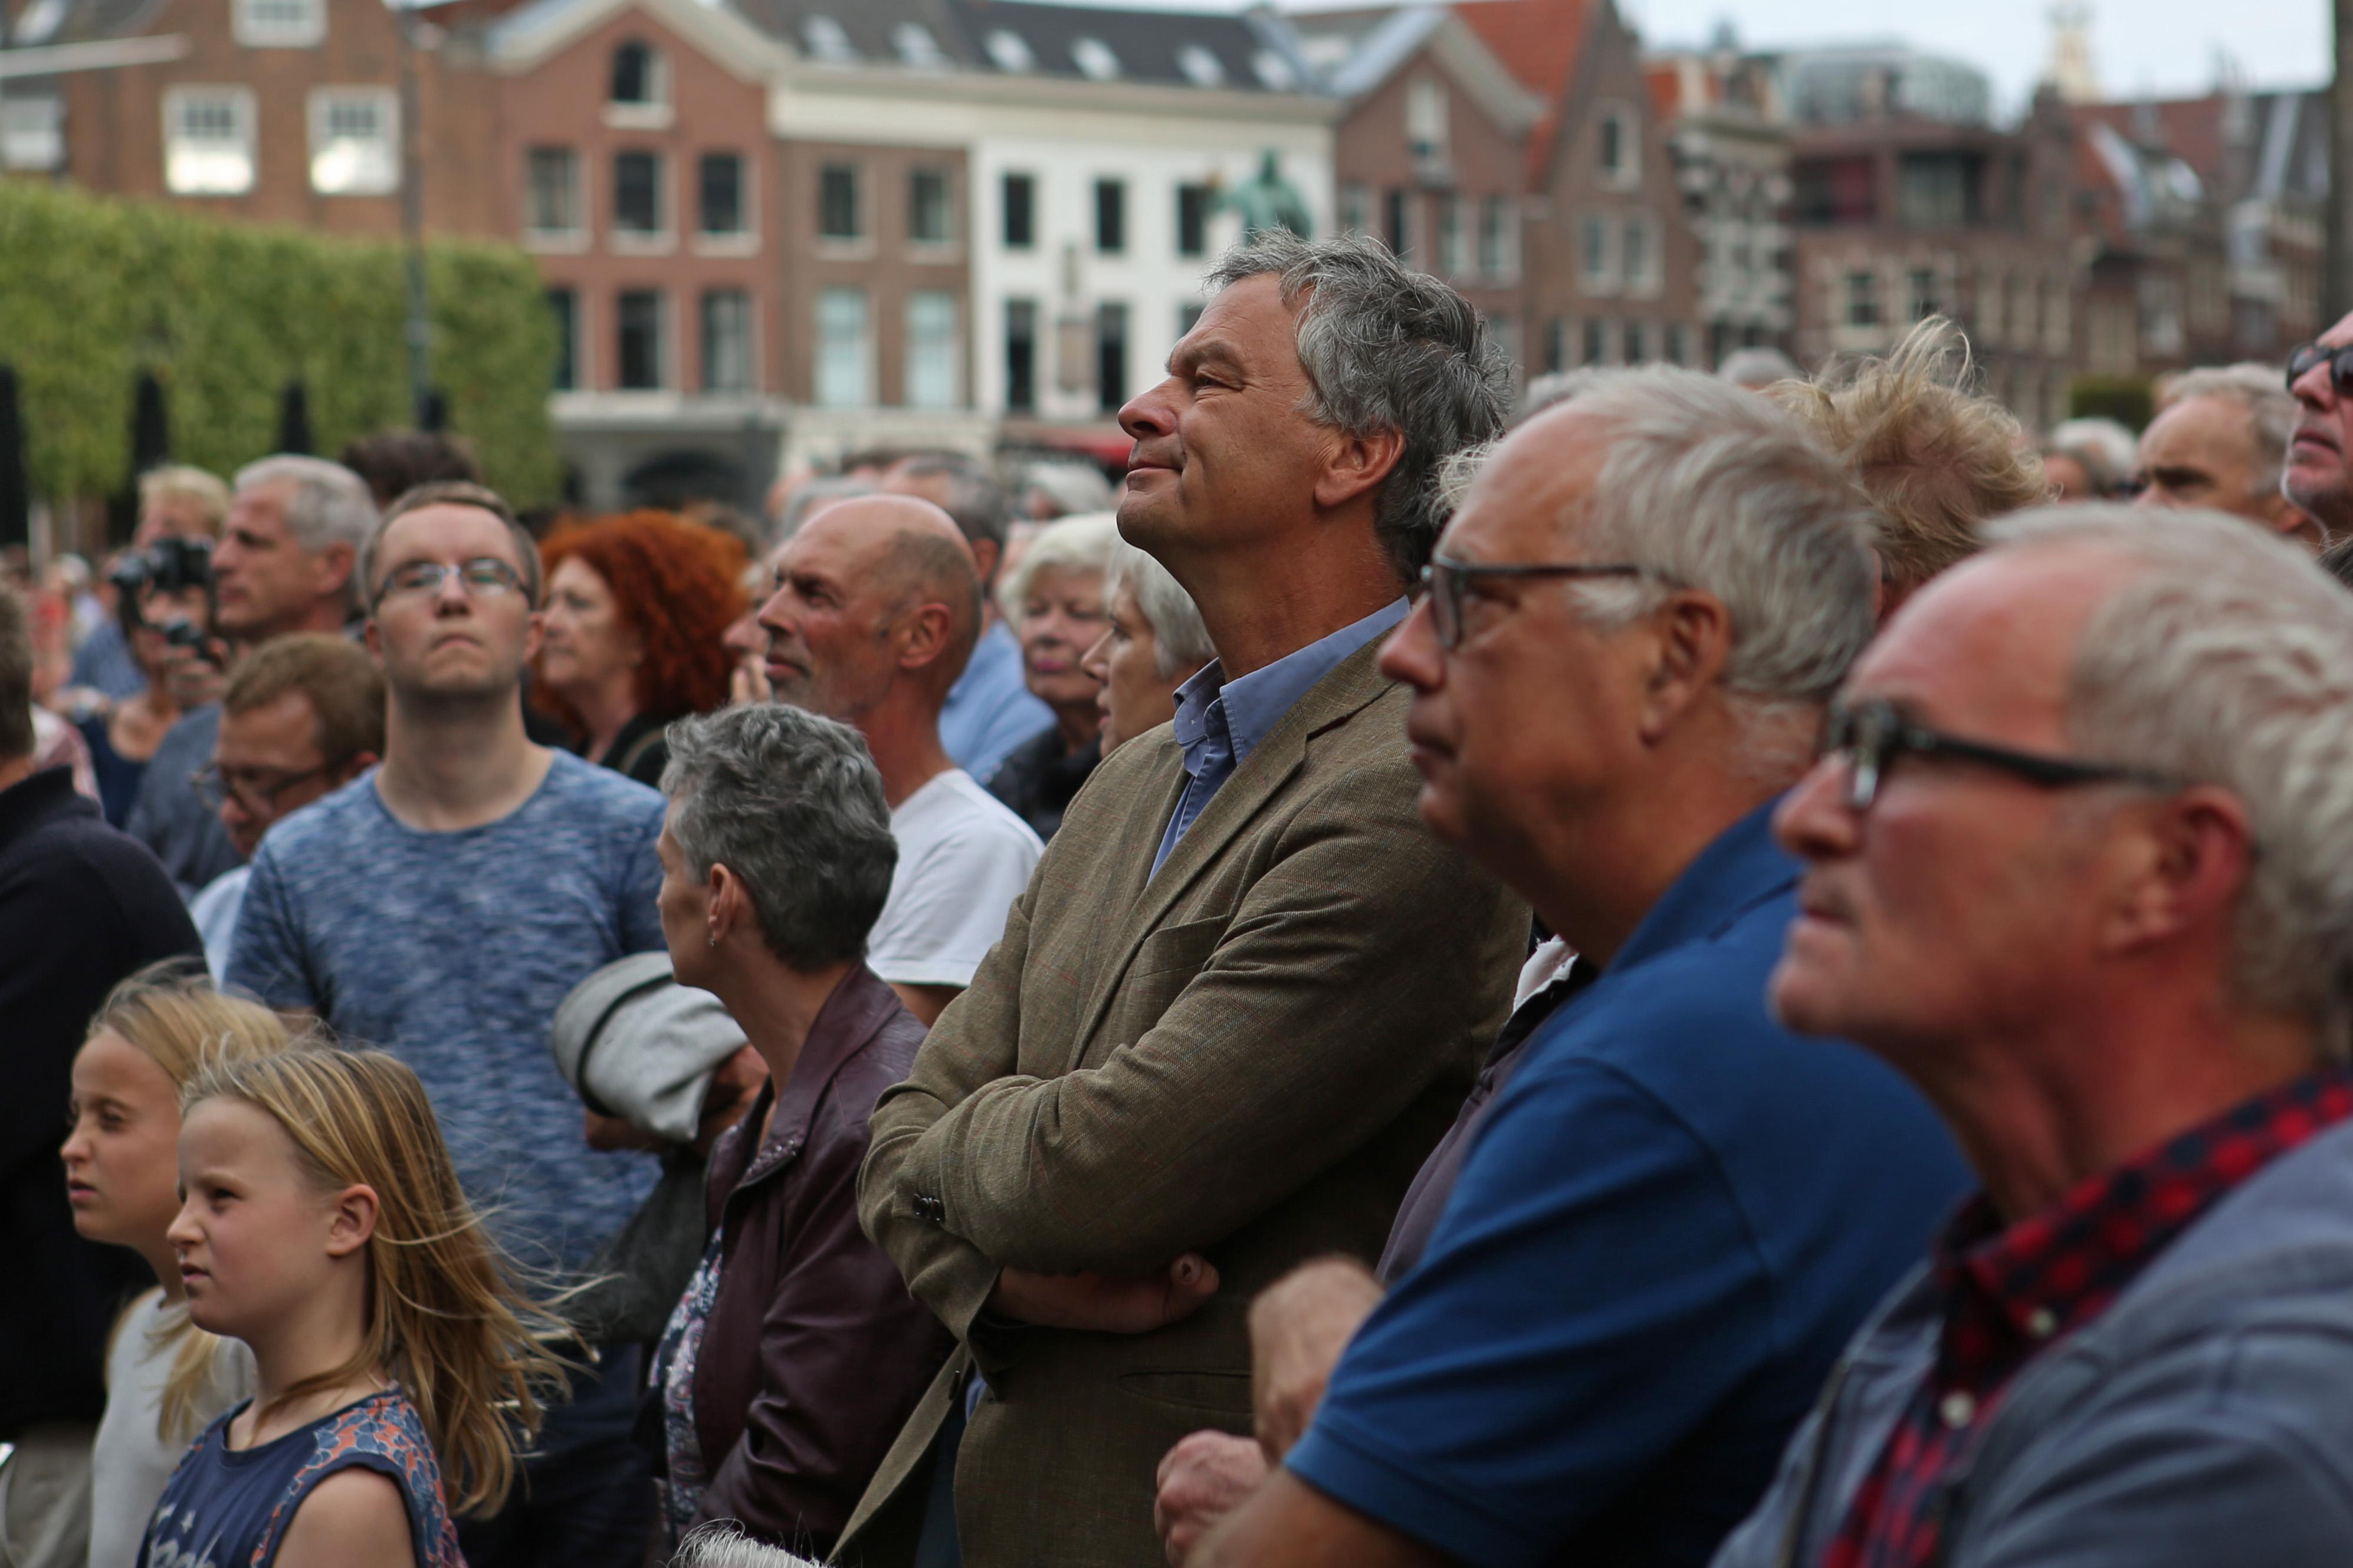 Onder toezicht van zwaarbewapende politie verliep de manifestatie op de Grote Markt vredig. (Foto: Rowin van Diest) rodi.nl © rodi